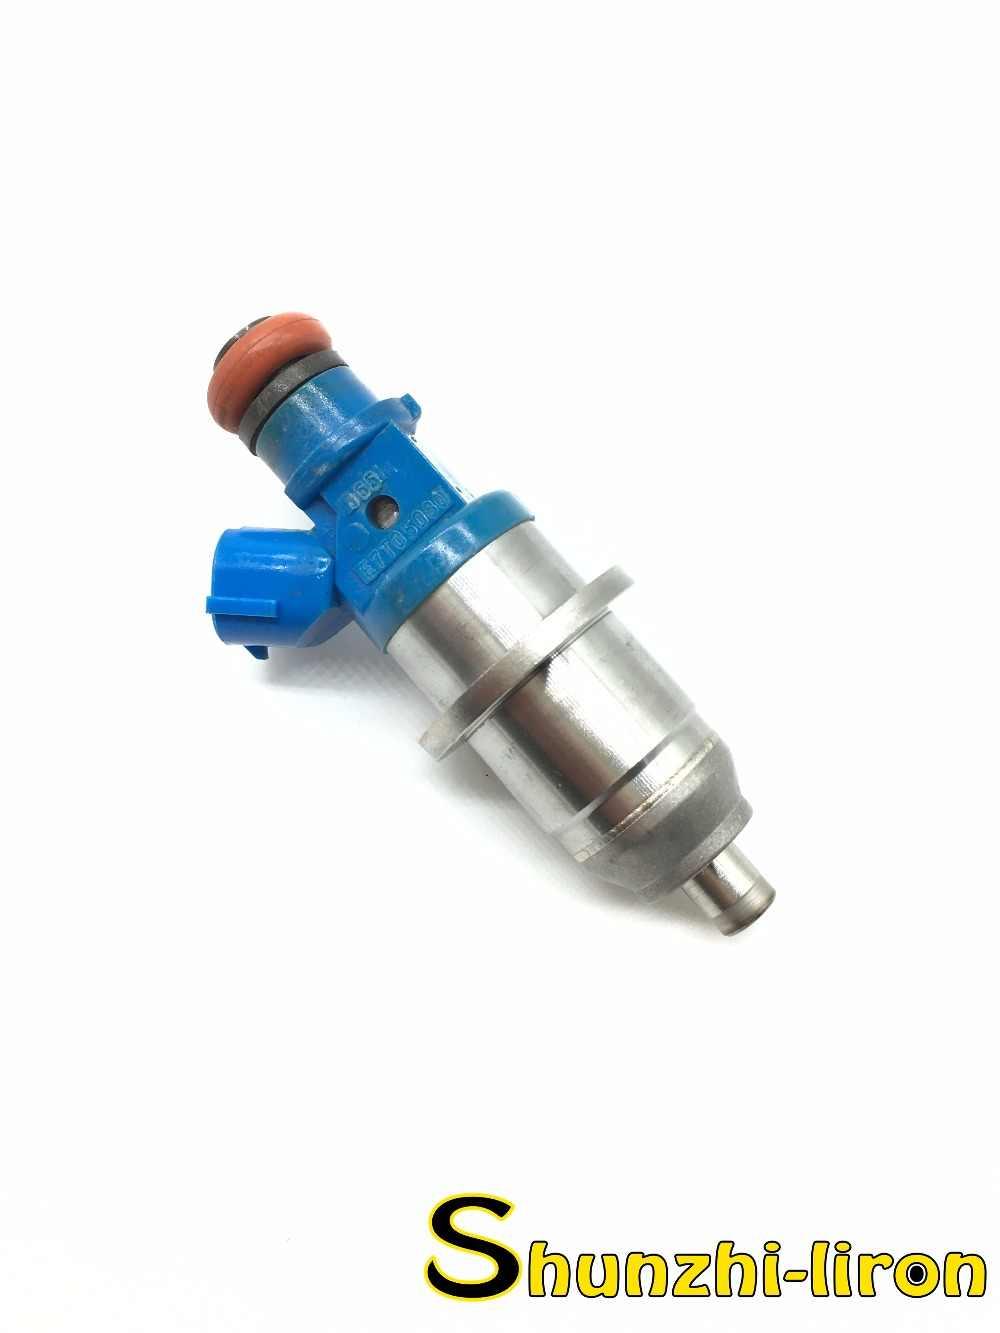 fuel injector nozzle for mitsubishi gdi shogun pajero delica space wagon 2 0  [ 1000 x 1333 Pixel ]